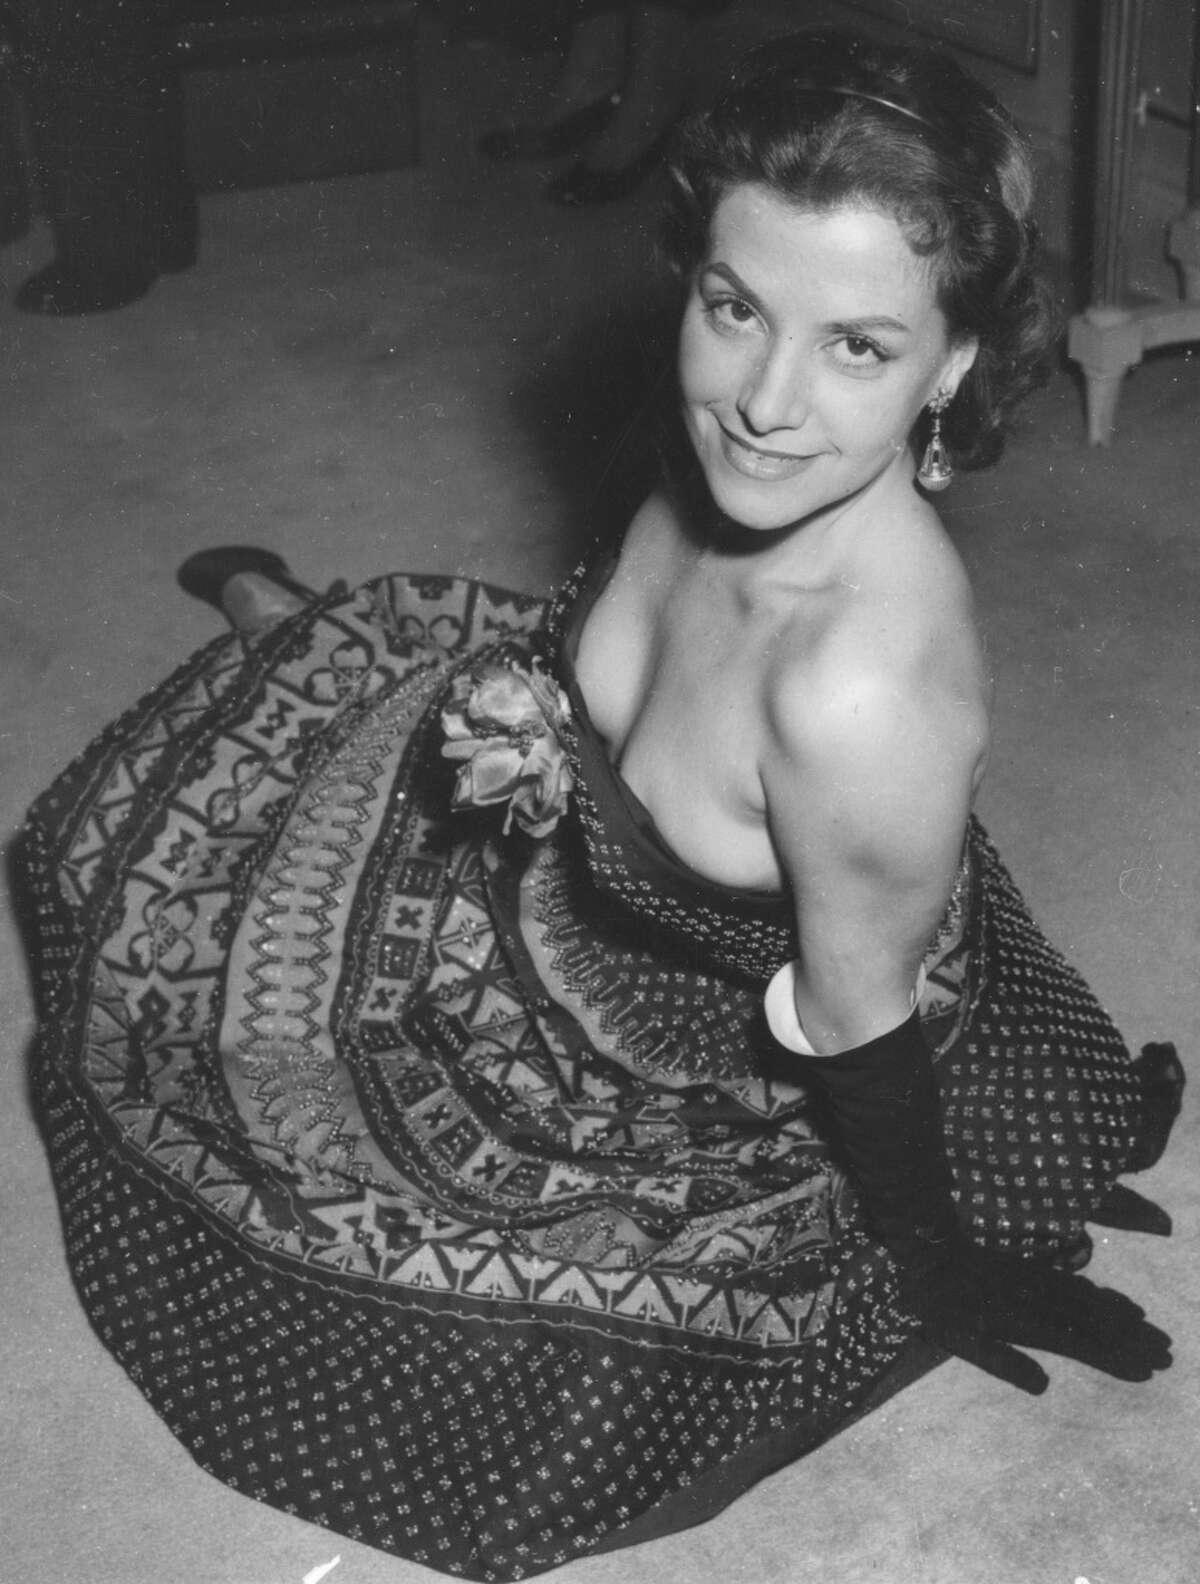 Brazilian actress Vera Clouzot wearing a hand-beaded short silk evening dress designed by Christian Dior, in 1954.